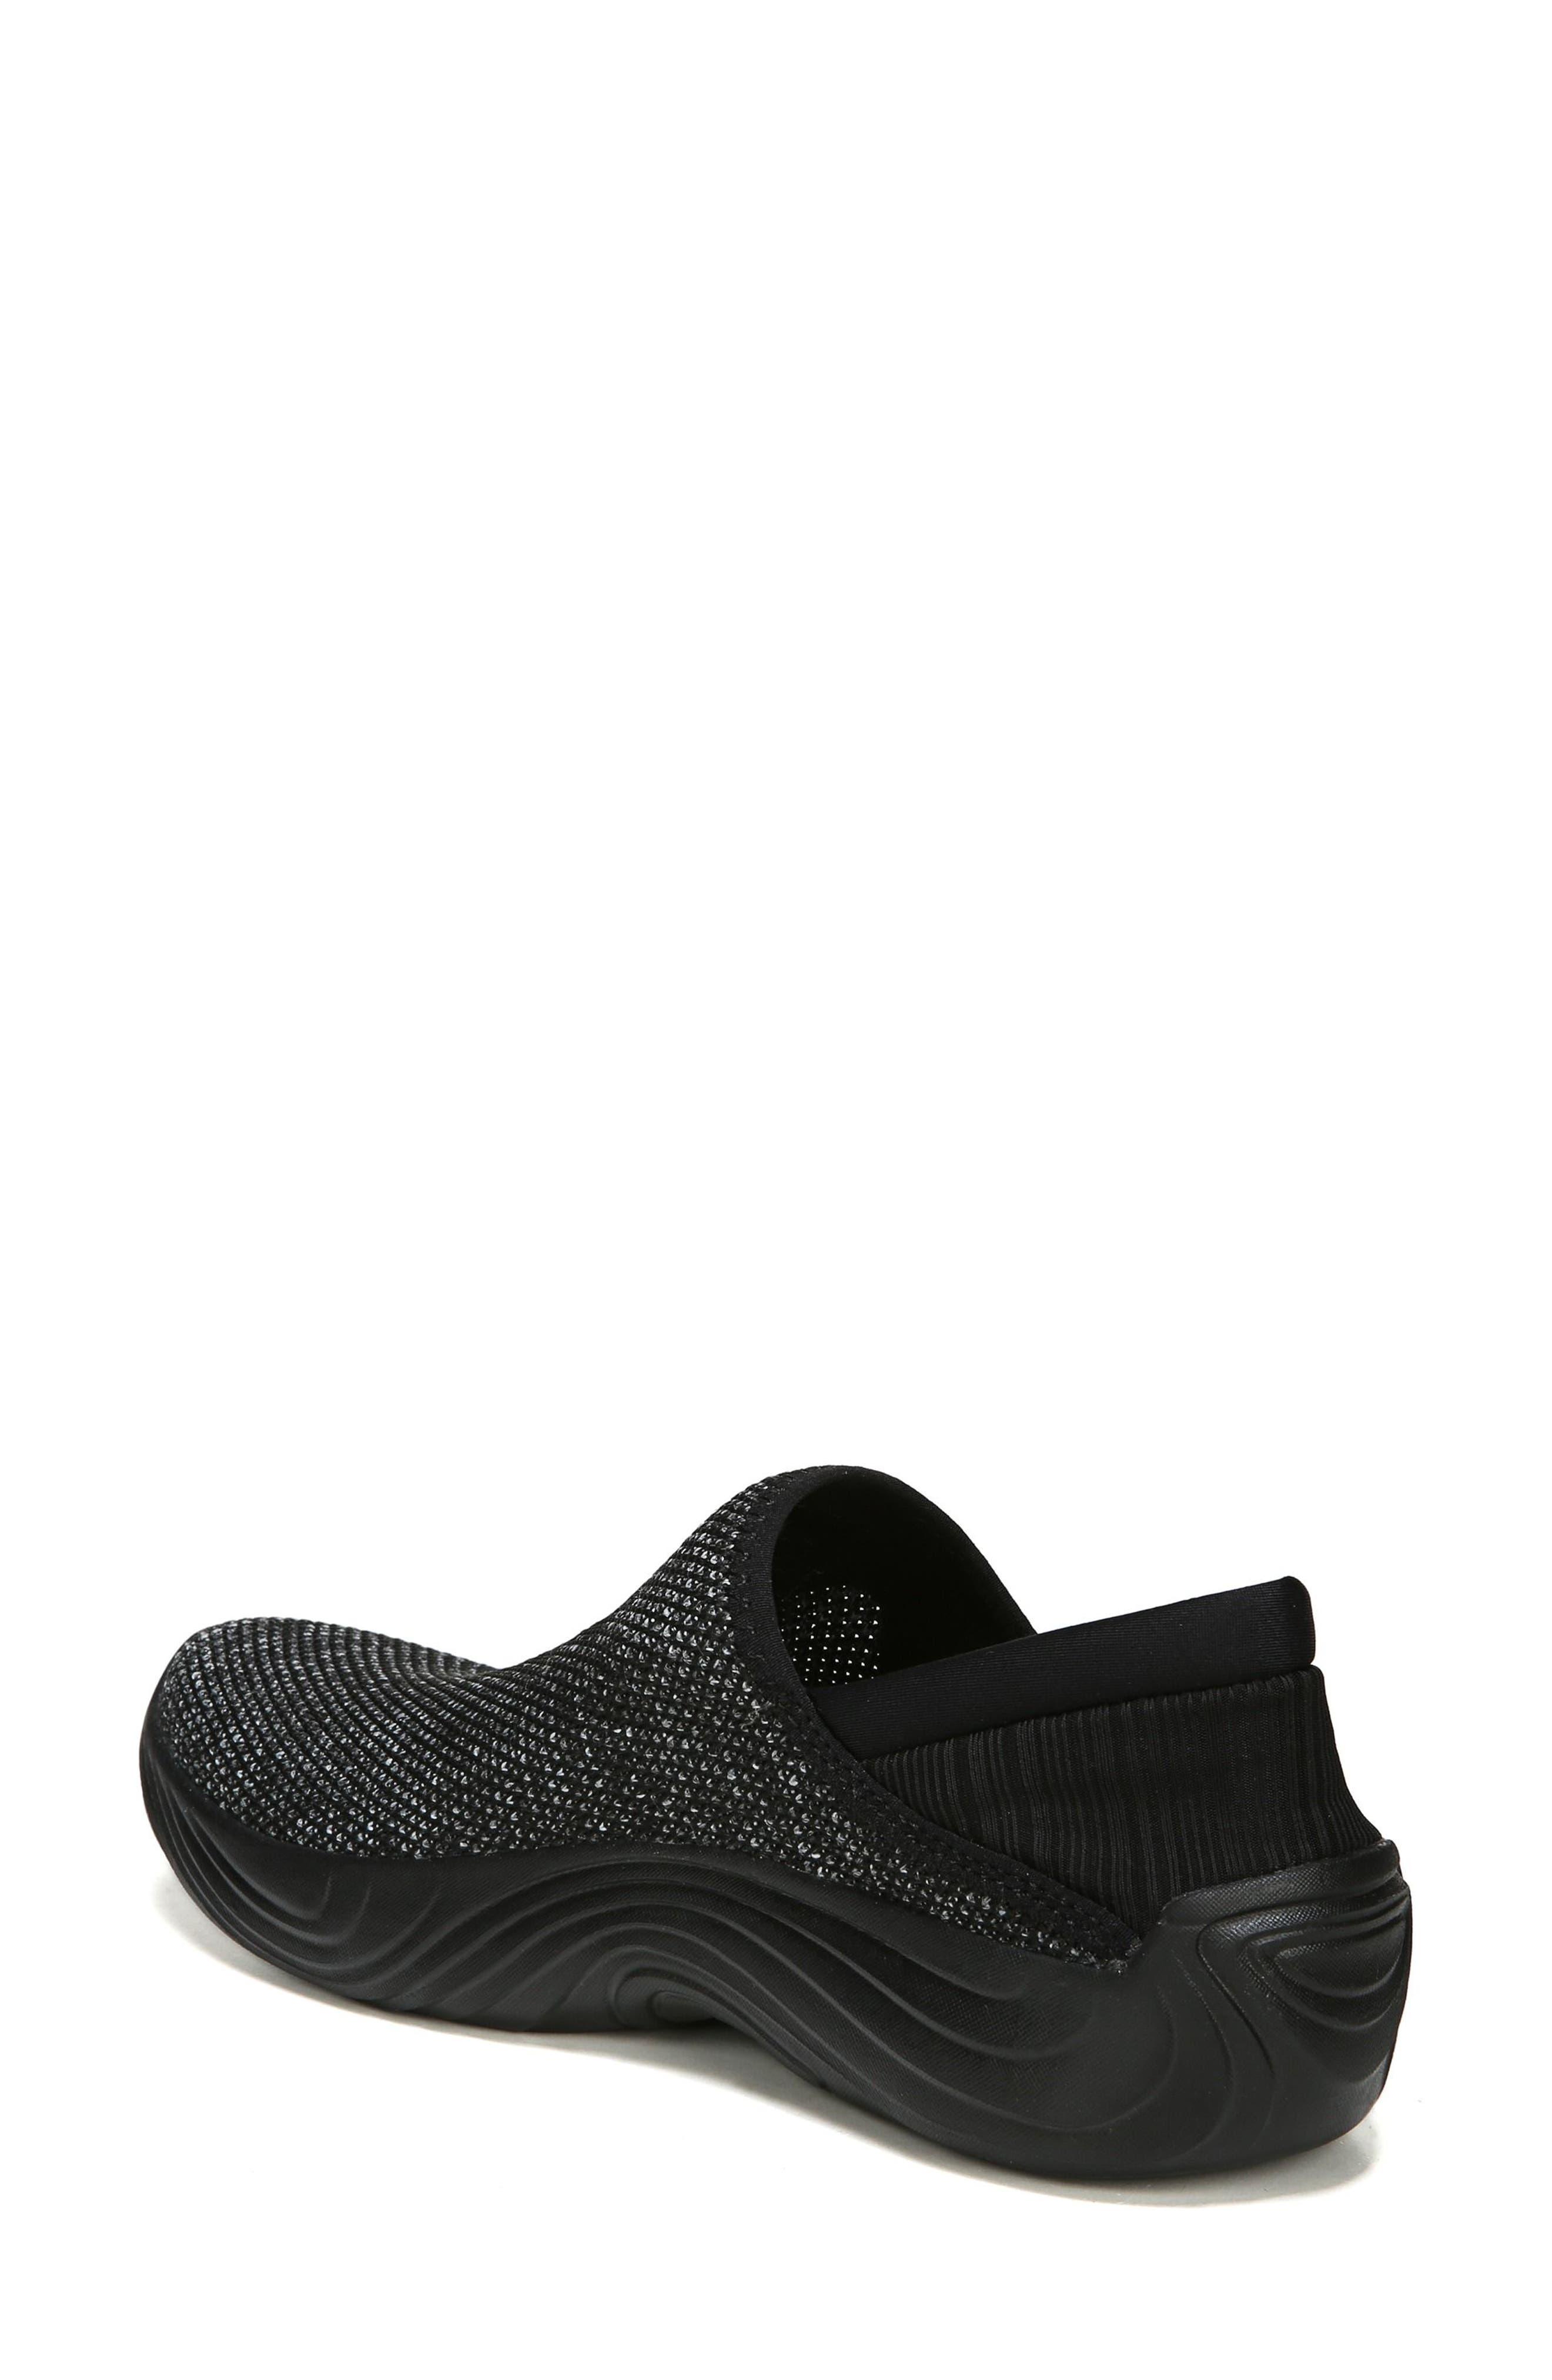 Topaz Slip-On Sneaker,                             Alternate thumbnail 2, color,                             BLACK FABRIC